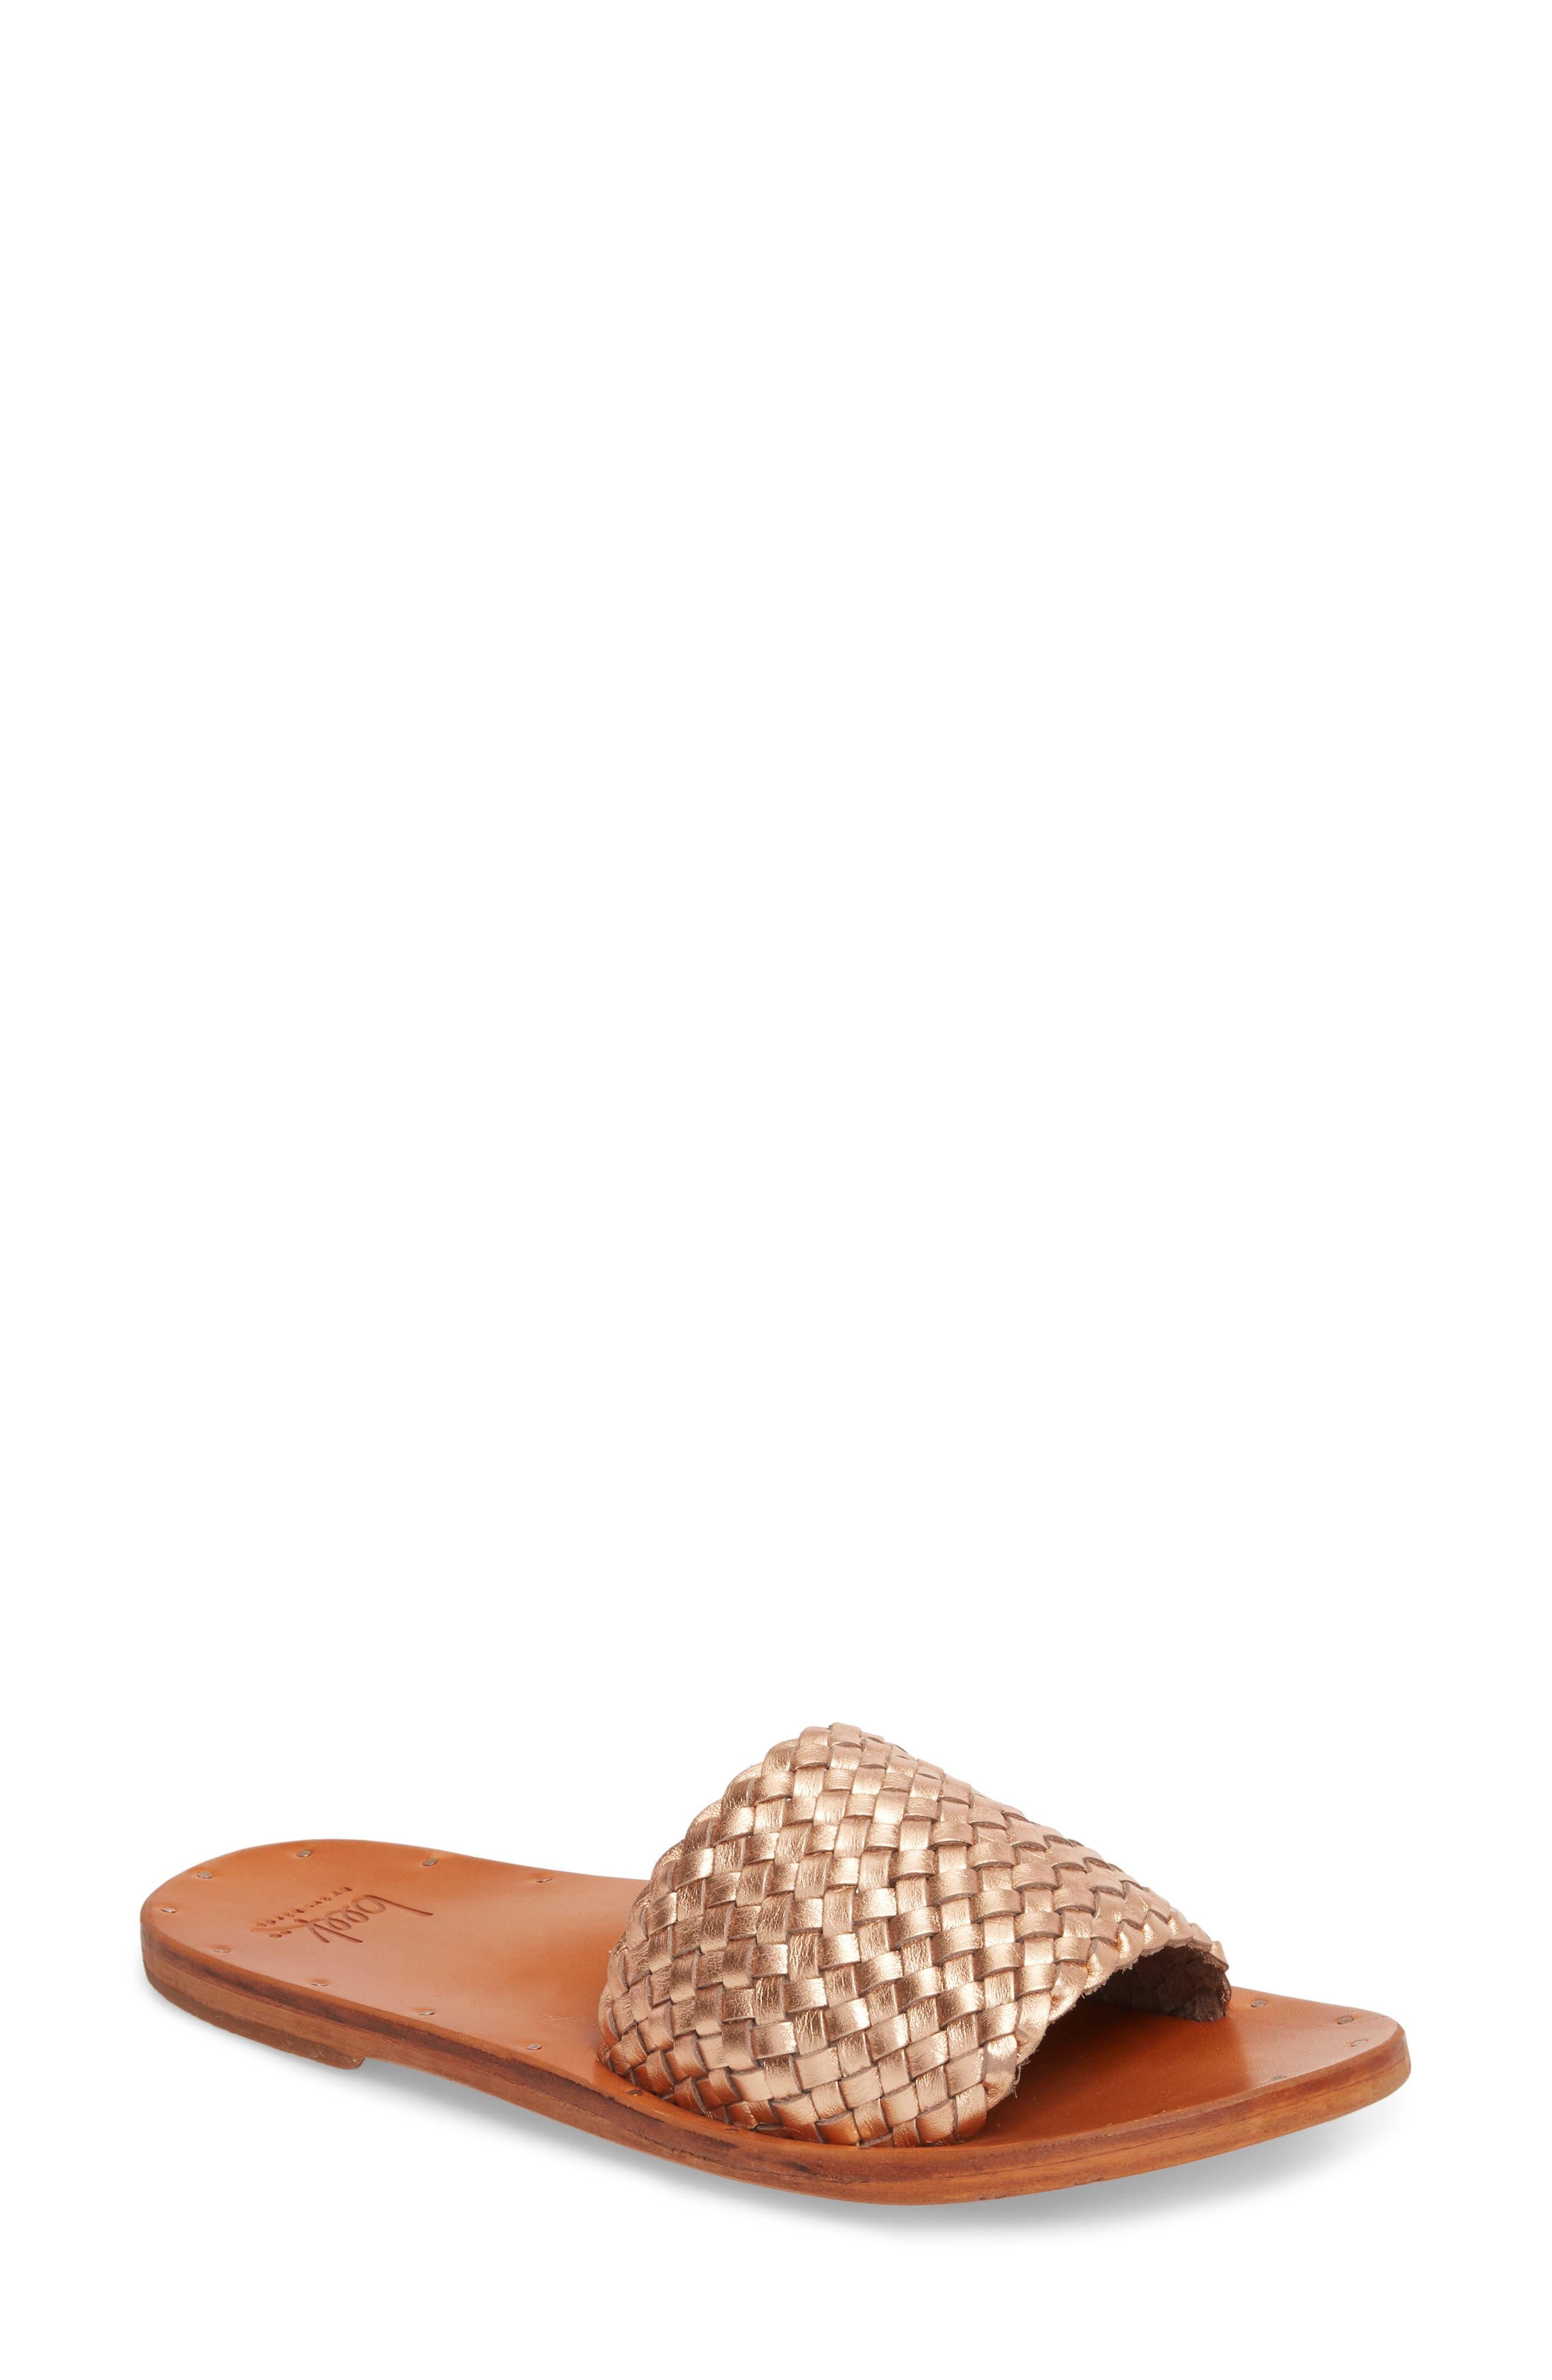 Osprey Woven Slide Sandal,                         Main,                         color, 710